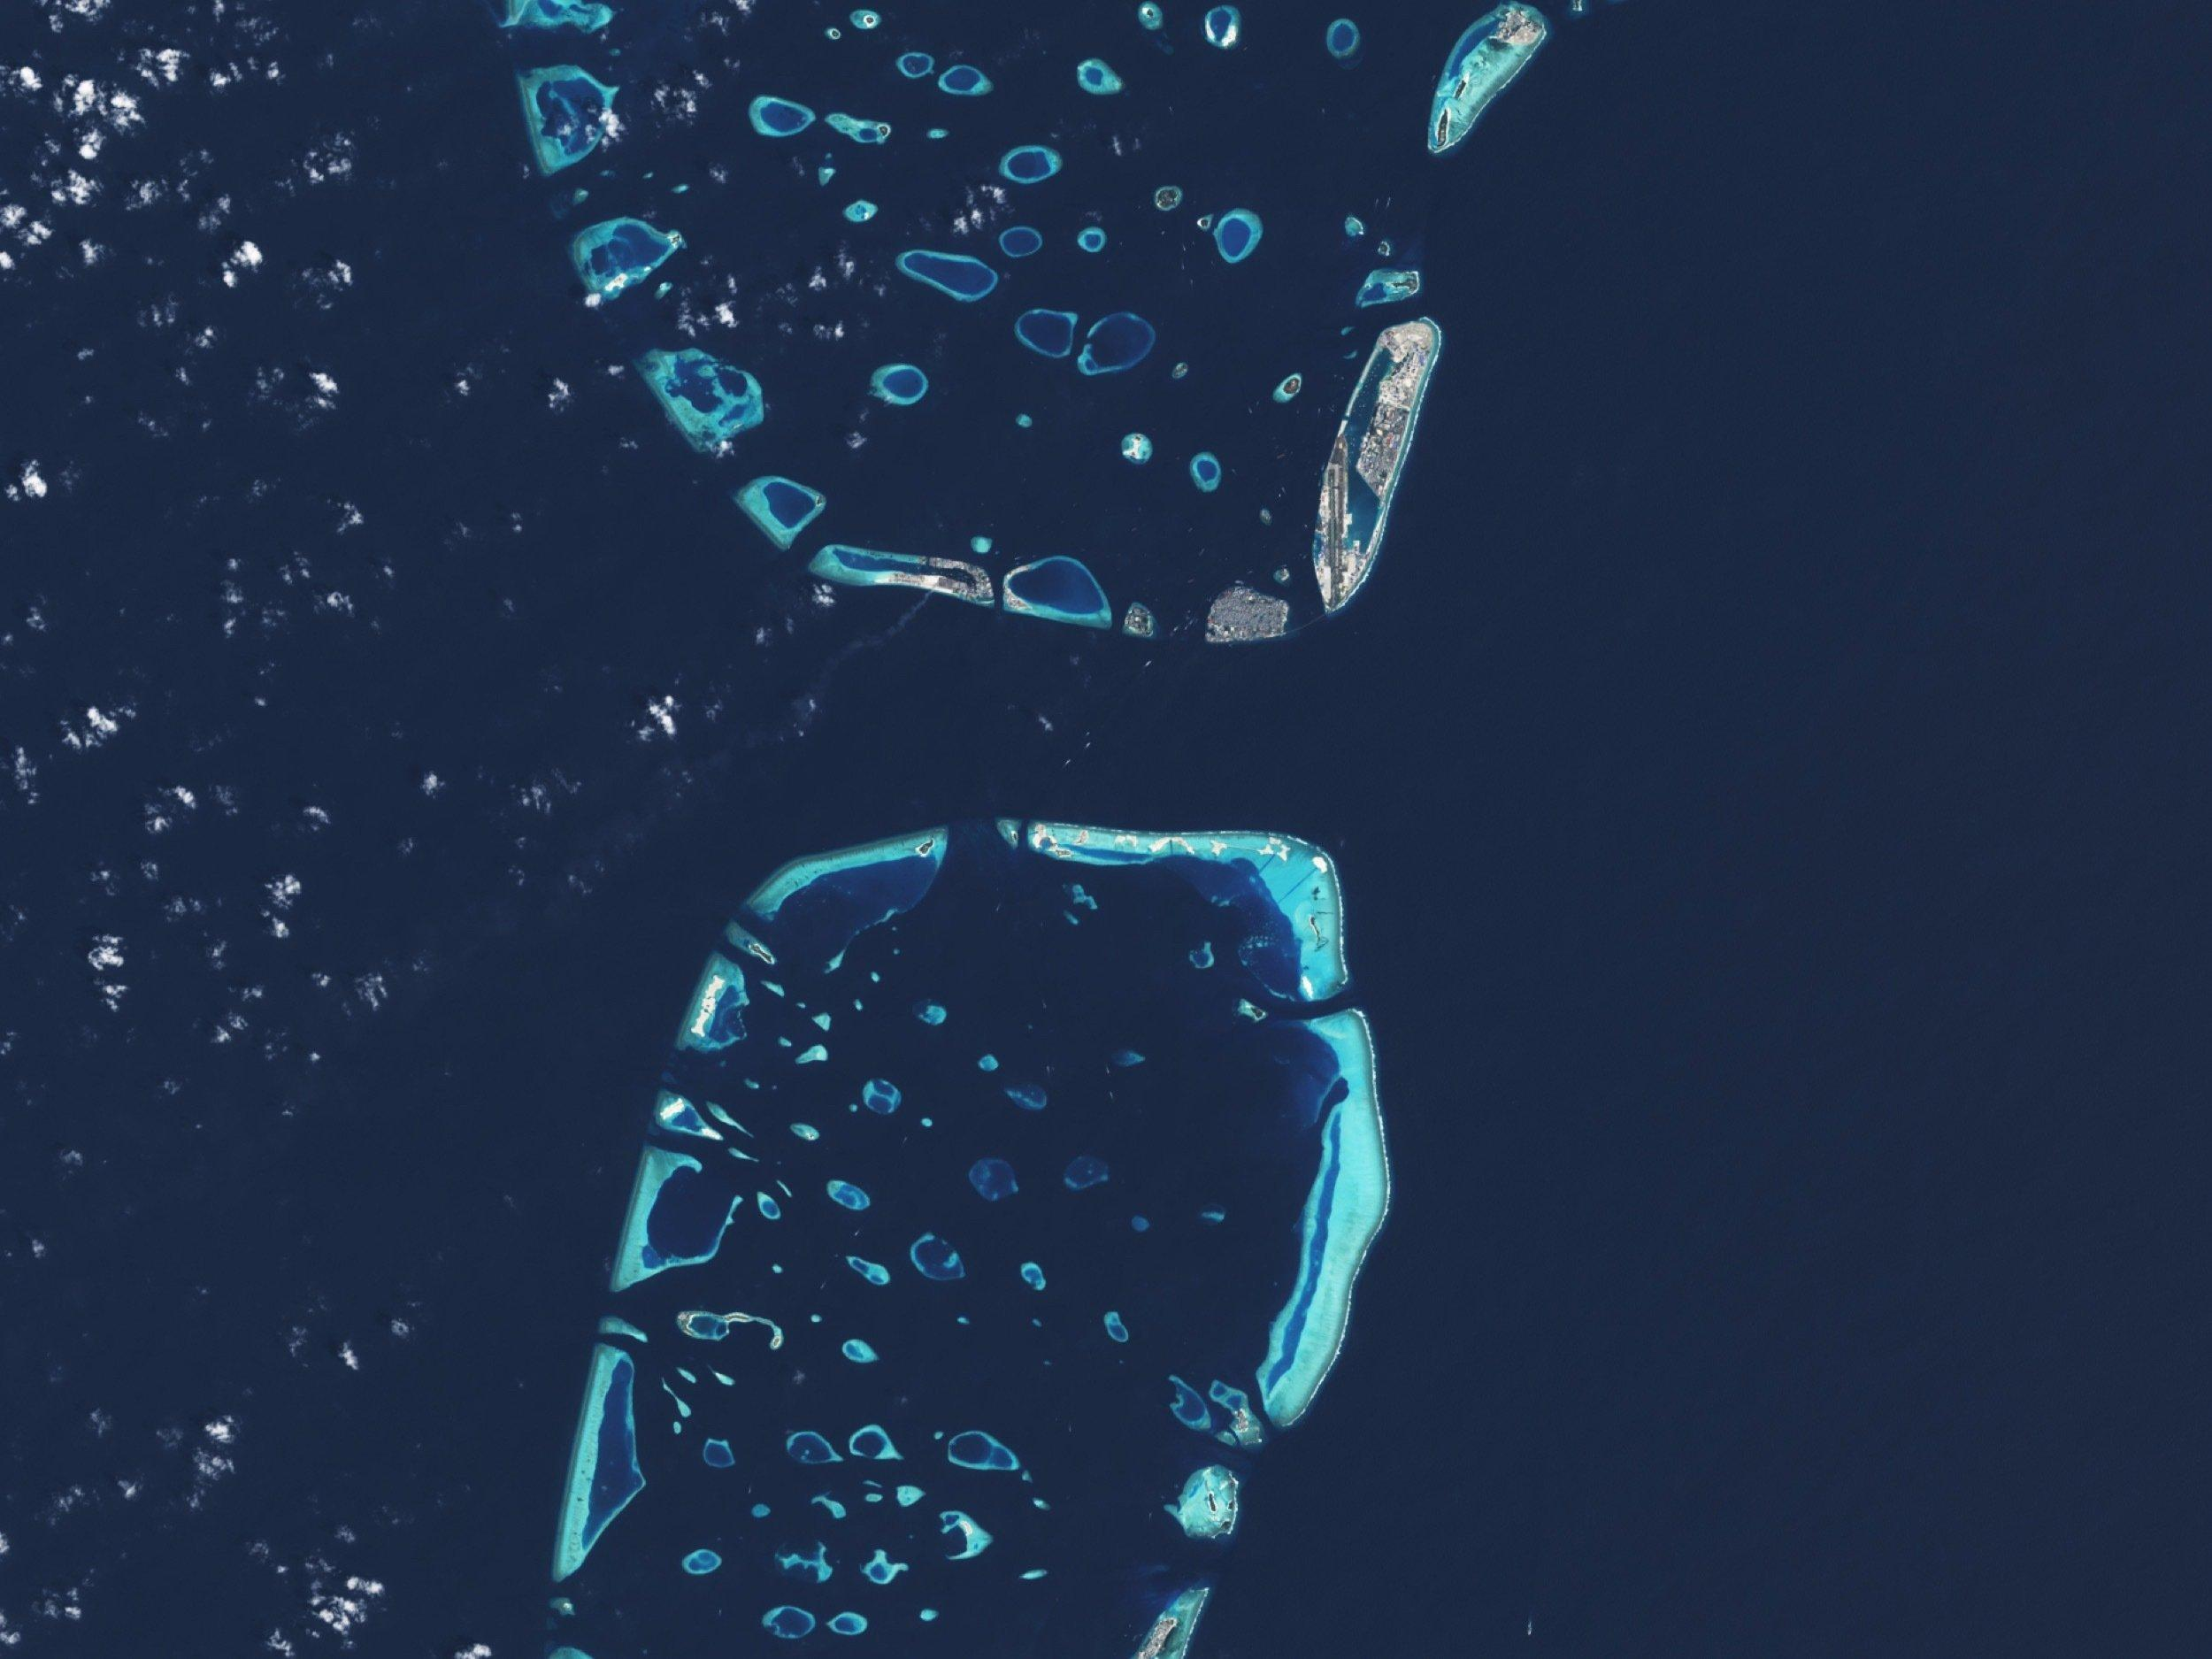 Satellitenaufnahme zeigt Koralleninseln im Indischen Ozean und die bebaute Hauptinsel der Malediven aus großer Höhe.